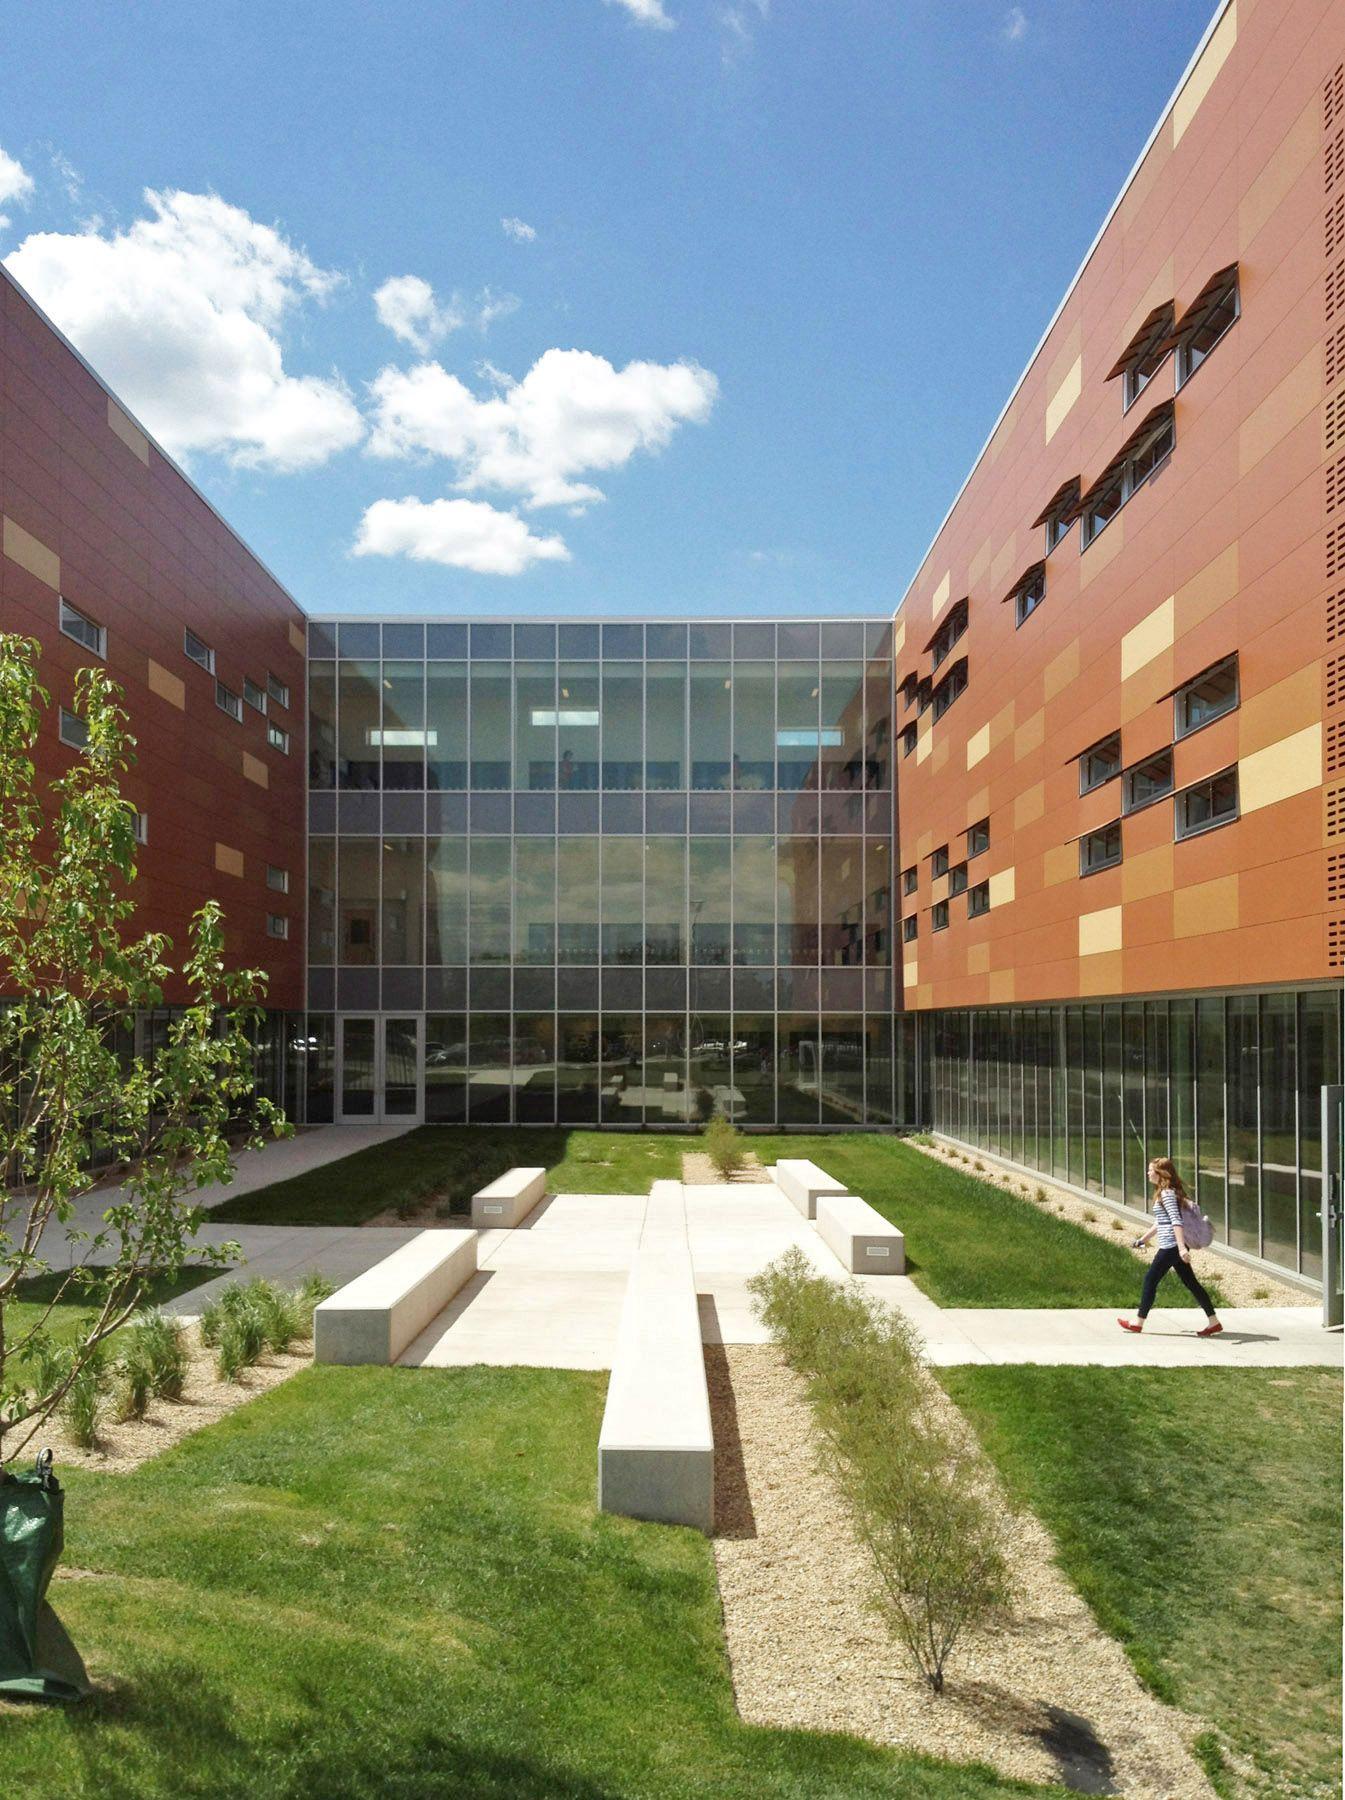 Gould Evans Manhattan High School West Campus Expansion